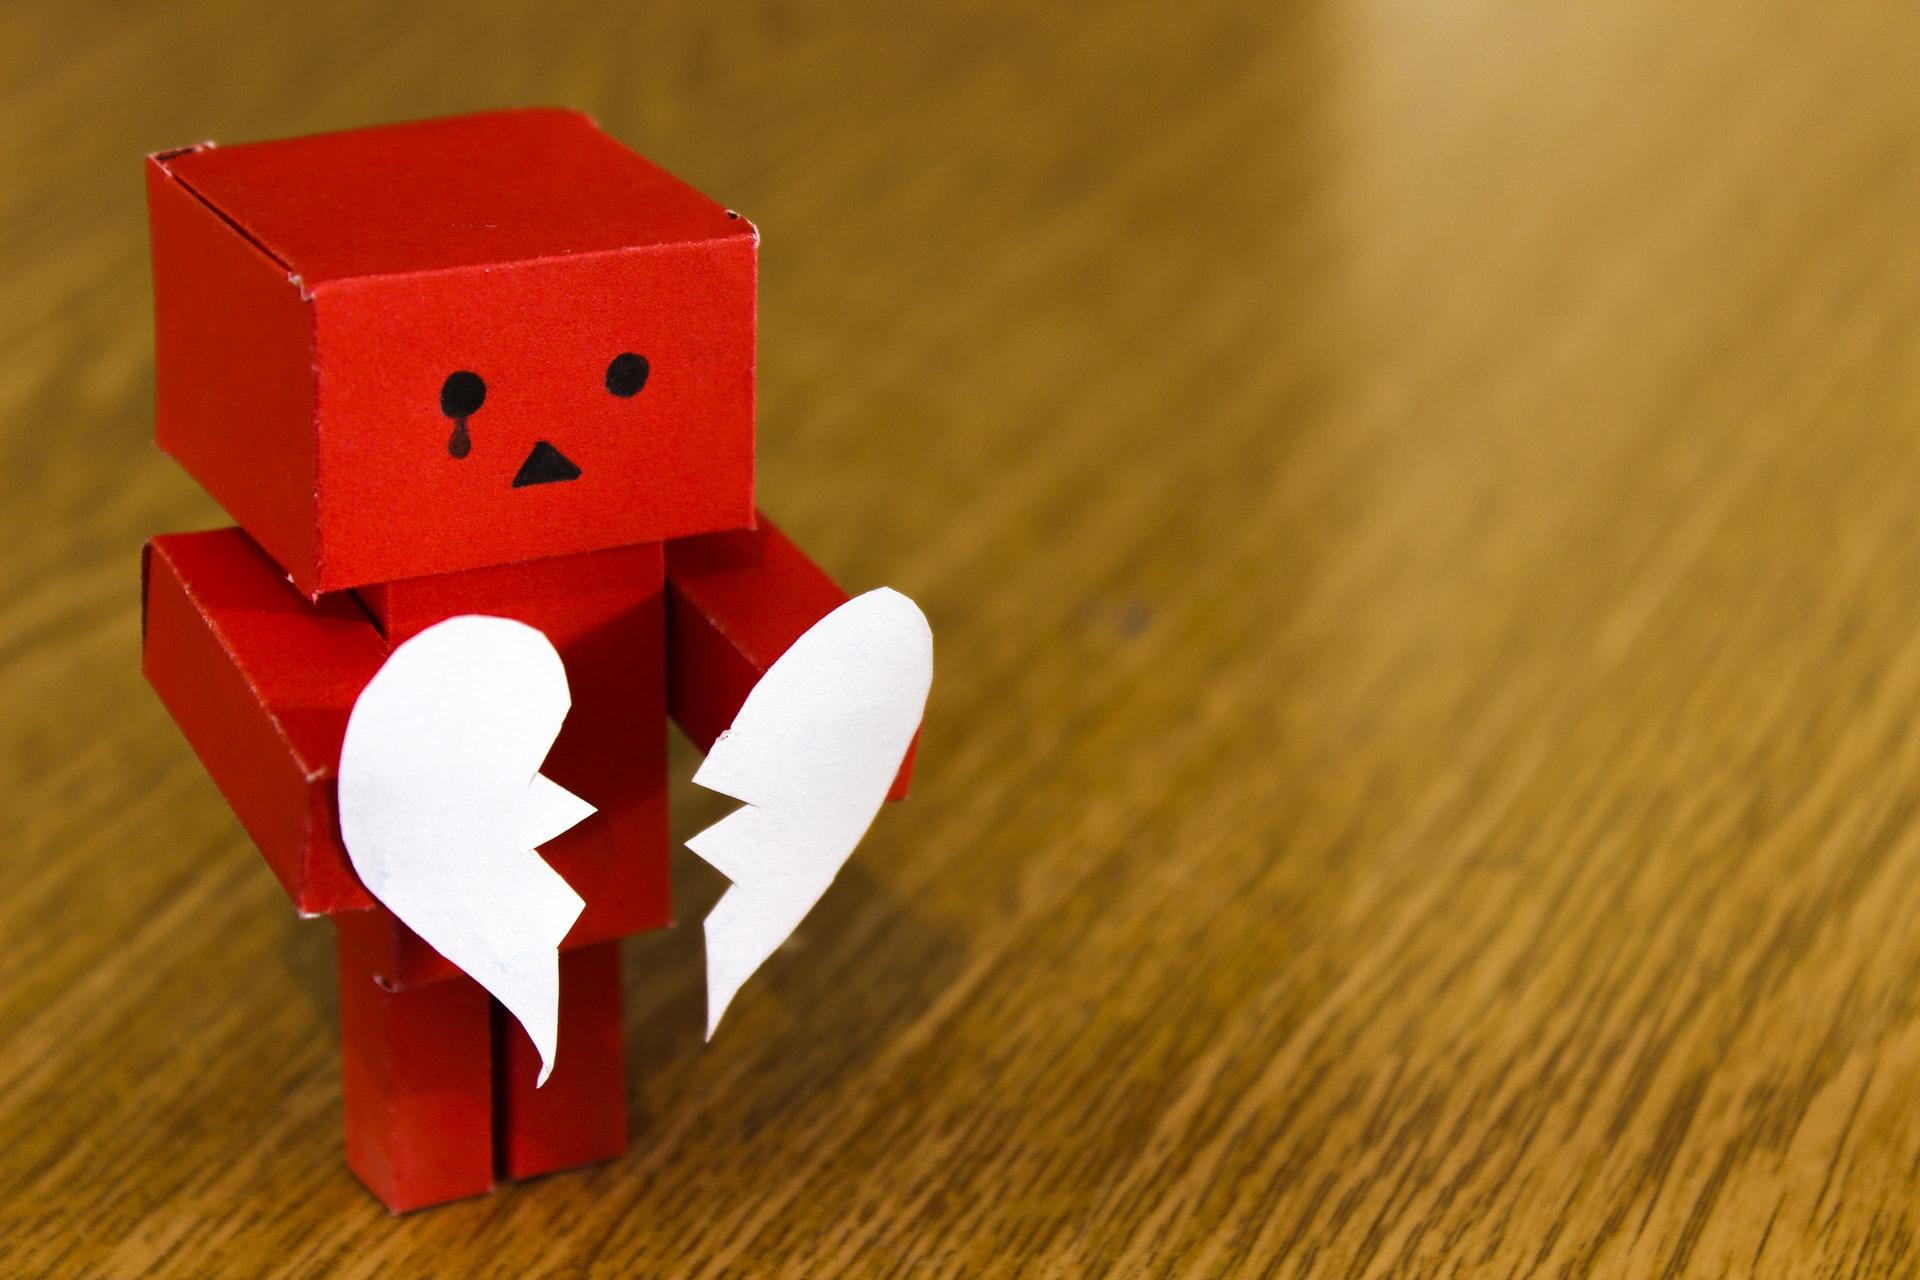 Dificuldade em demonstrar sentimentos